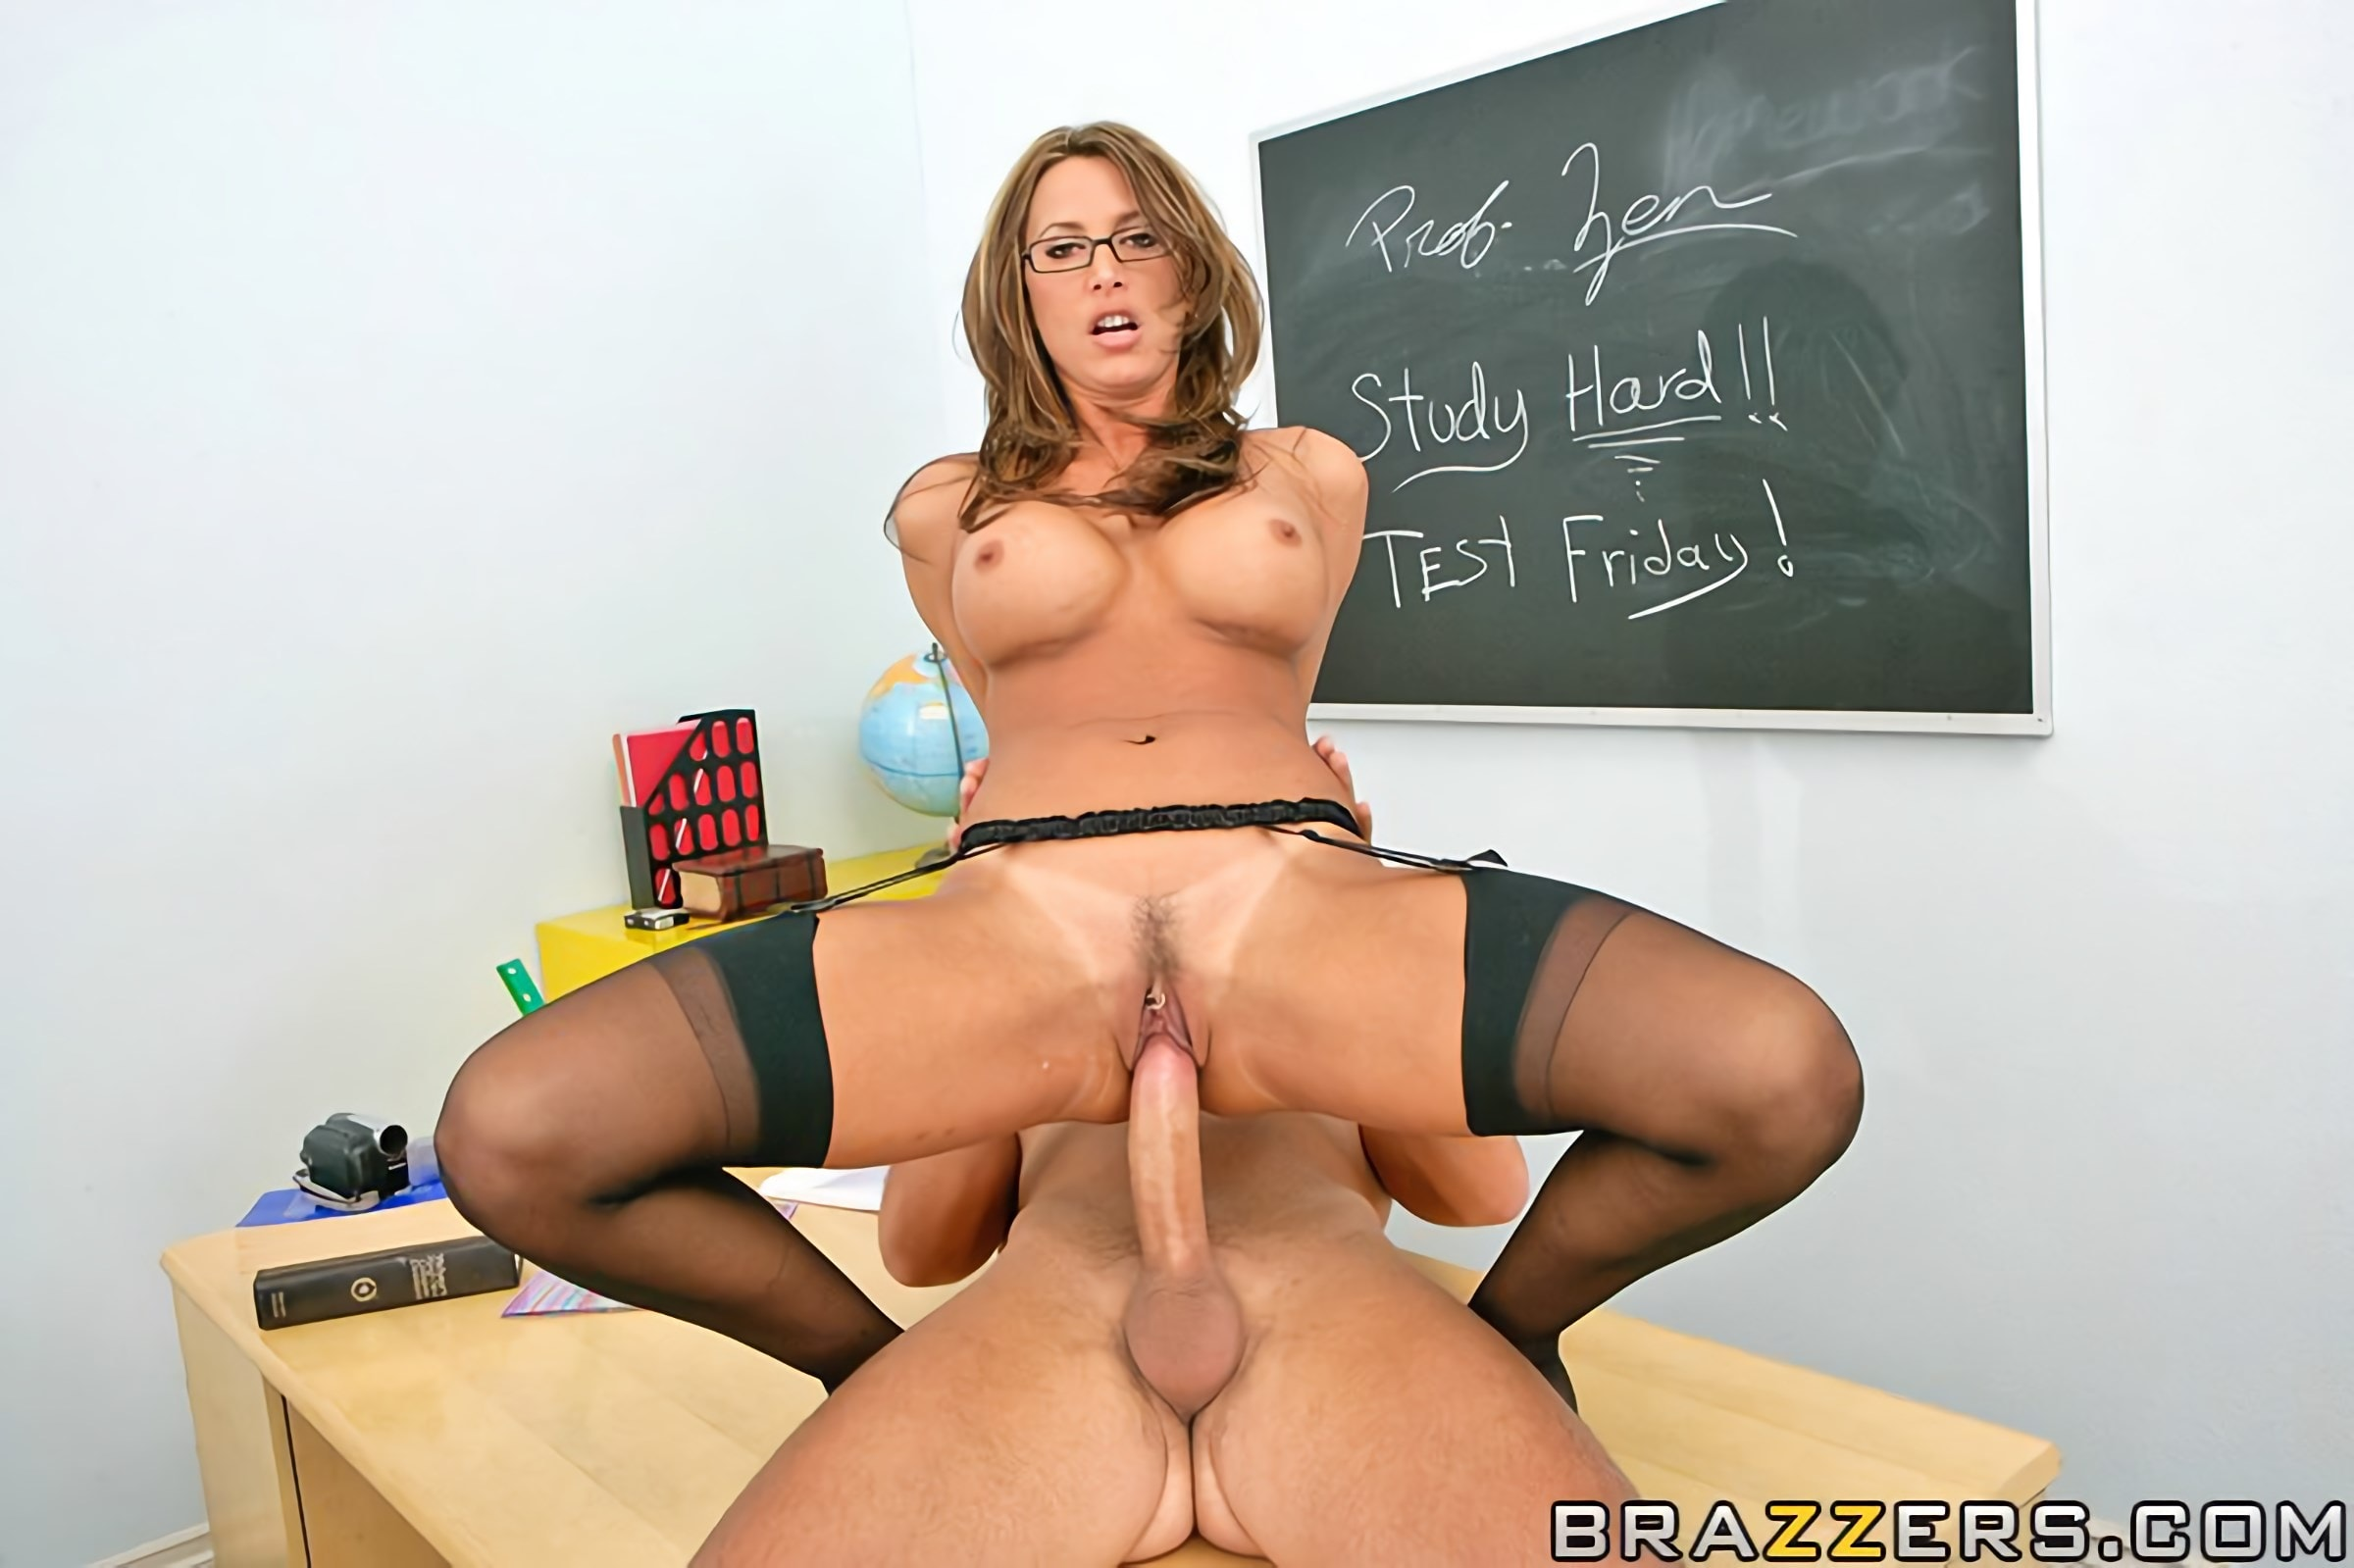 Показать порно видео онлайн с училками статейка